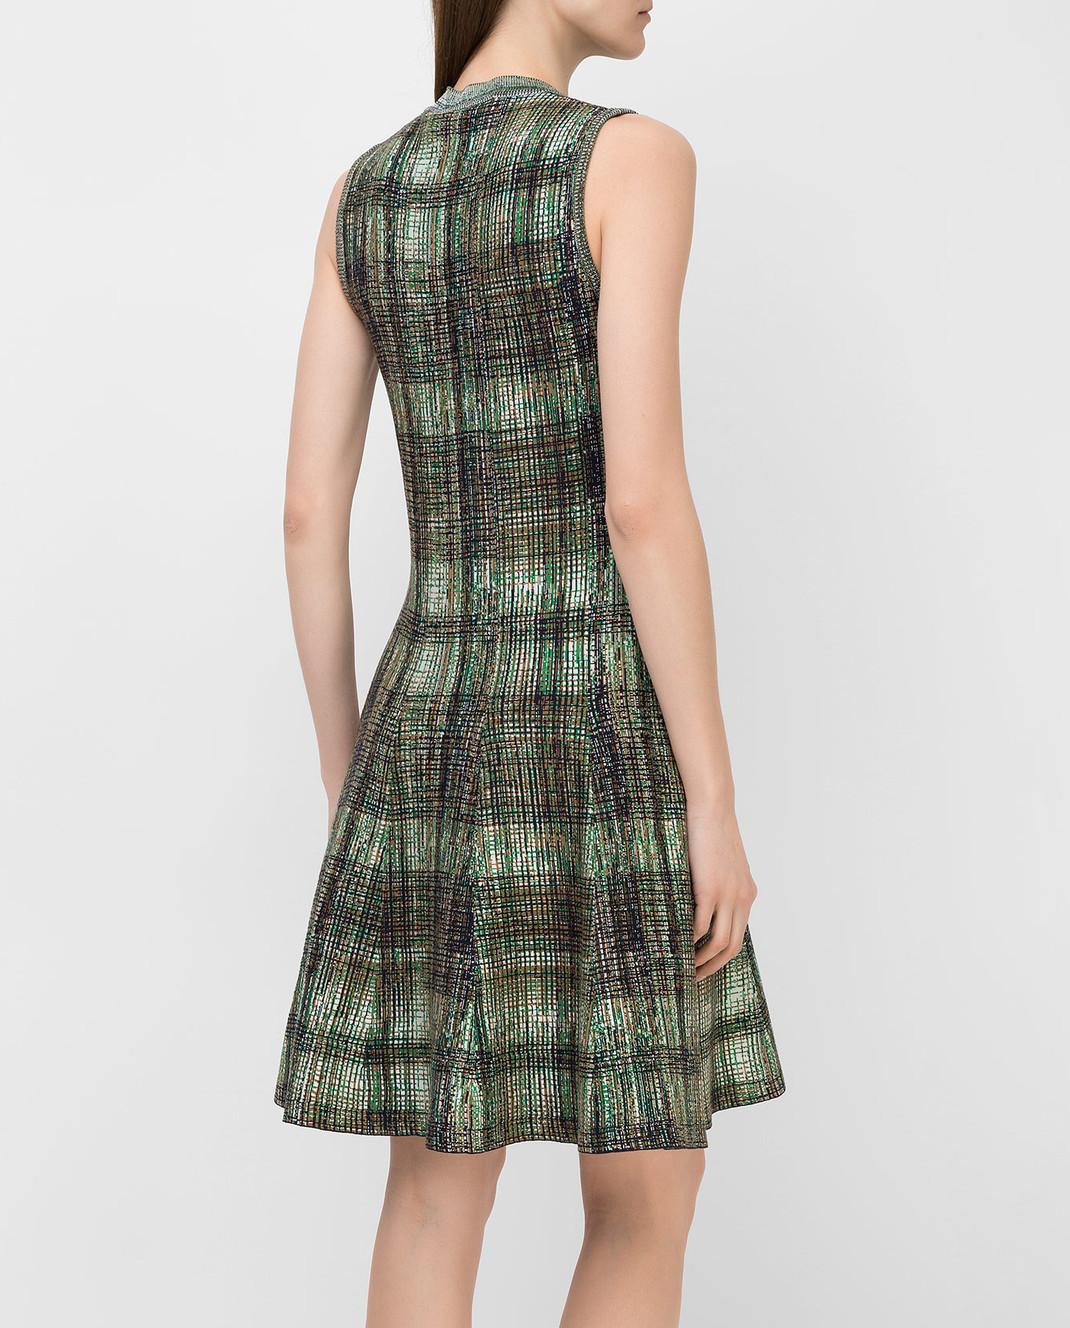 Victoria Beckham Платье из шелка и шерсти DRKNT6455 изображение 4